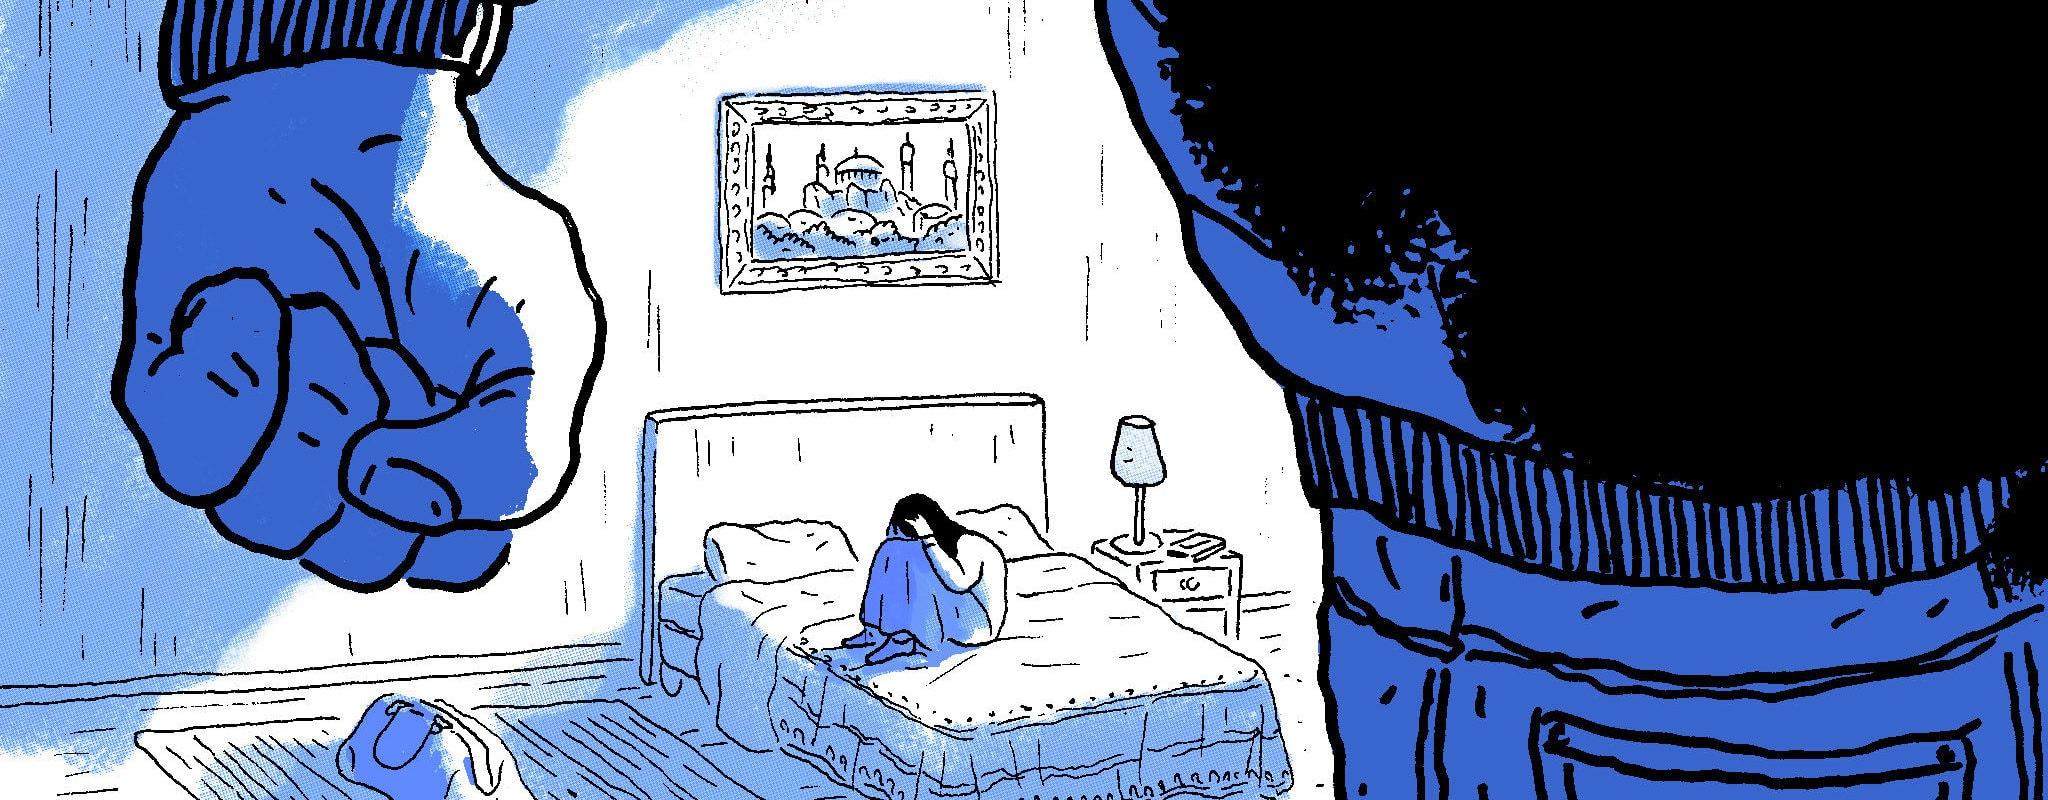 «Tu ne sortiras pas vivante de cette maison». Harcelée par son ex-mari, une Strasbourgeoise raconte son calvaire